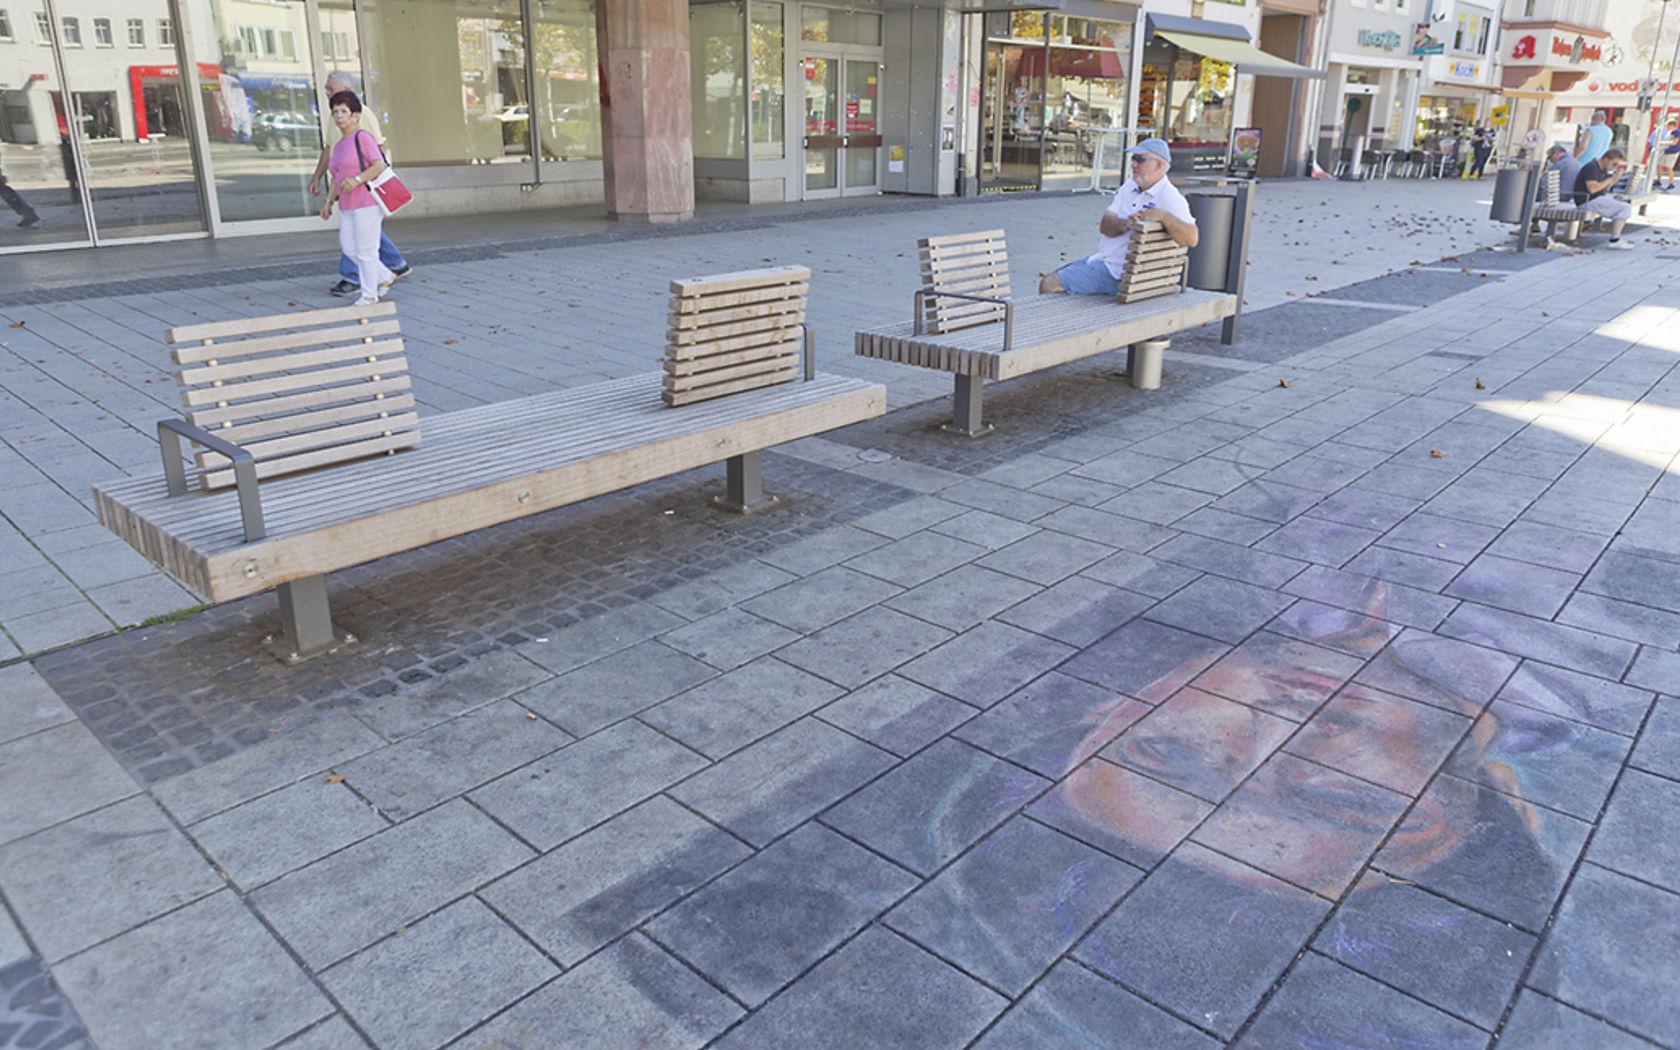 Der Platz in der Fußgängerzone mit Sitzmöglichkeiten aus Holz sieht mit den Verschmutzungen am Boden nicht mehr einladend aus.